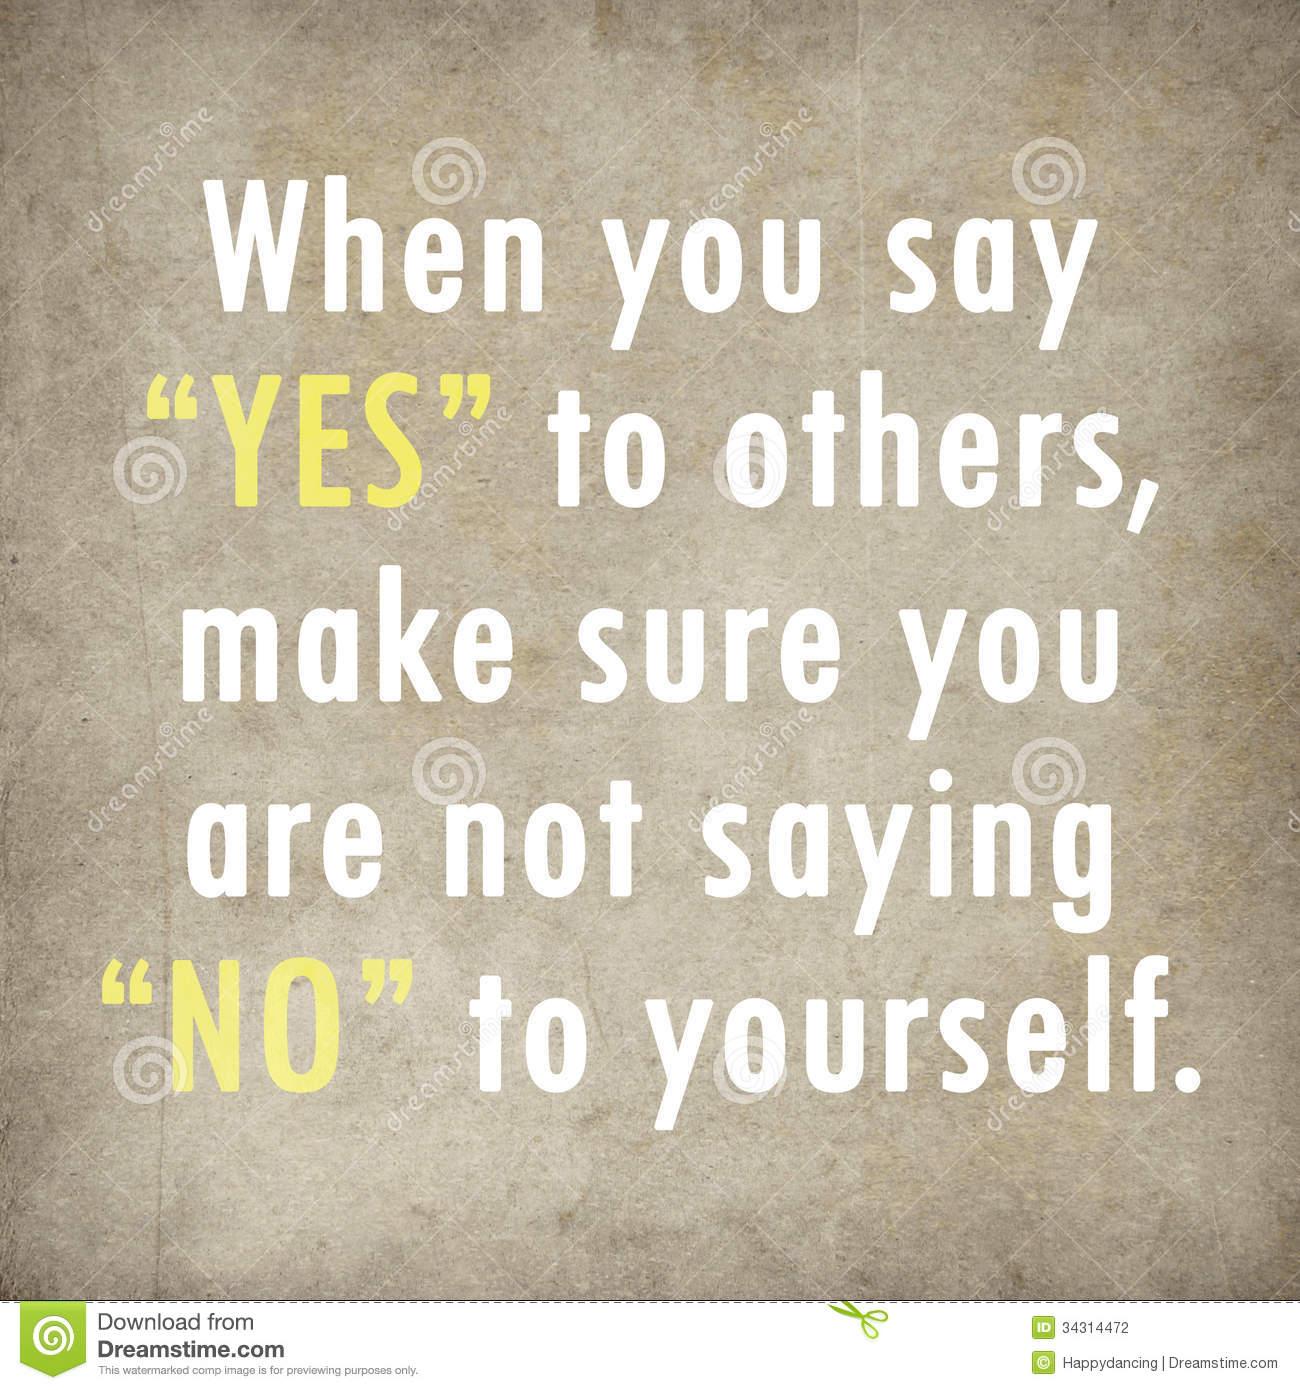 Paulo Coelho Motivational Quotes. QuotesGram